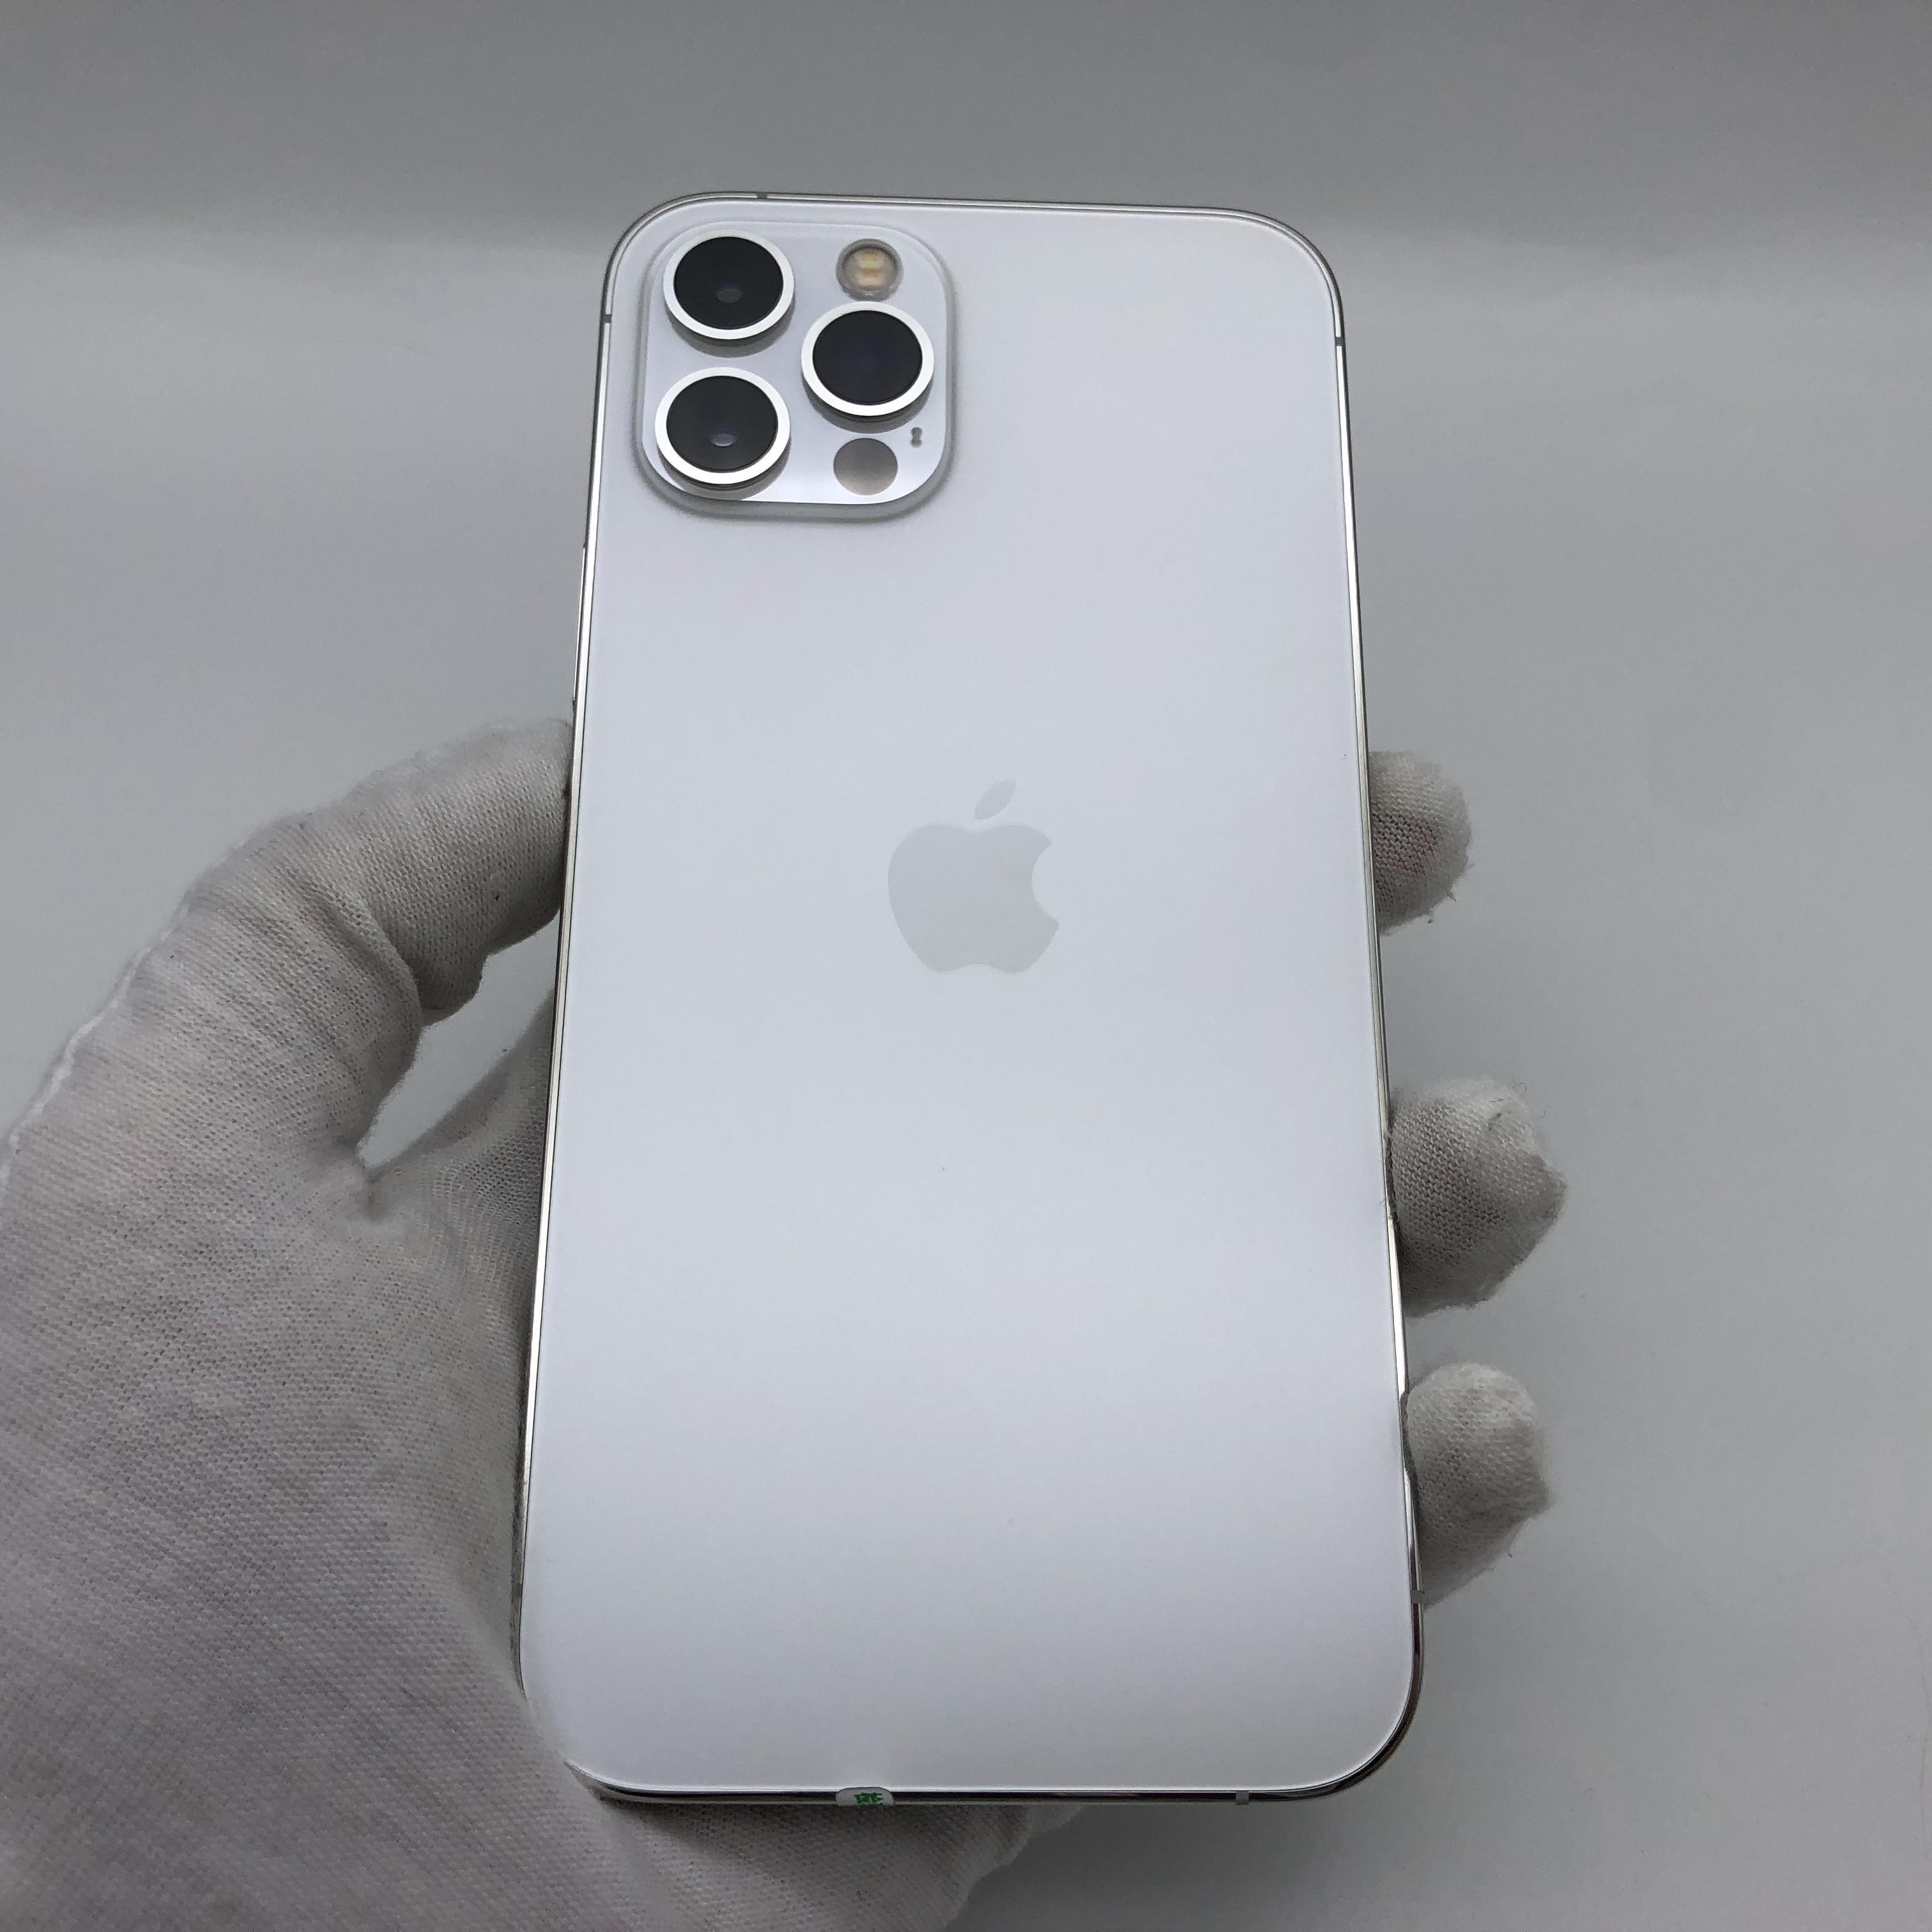 苹果【iPhone 12 Pro】5G全网通 银色 512G 国行 95新 真机实拍保修2022-01-27